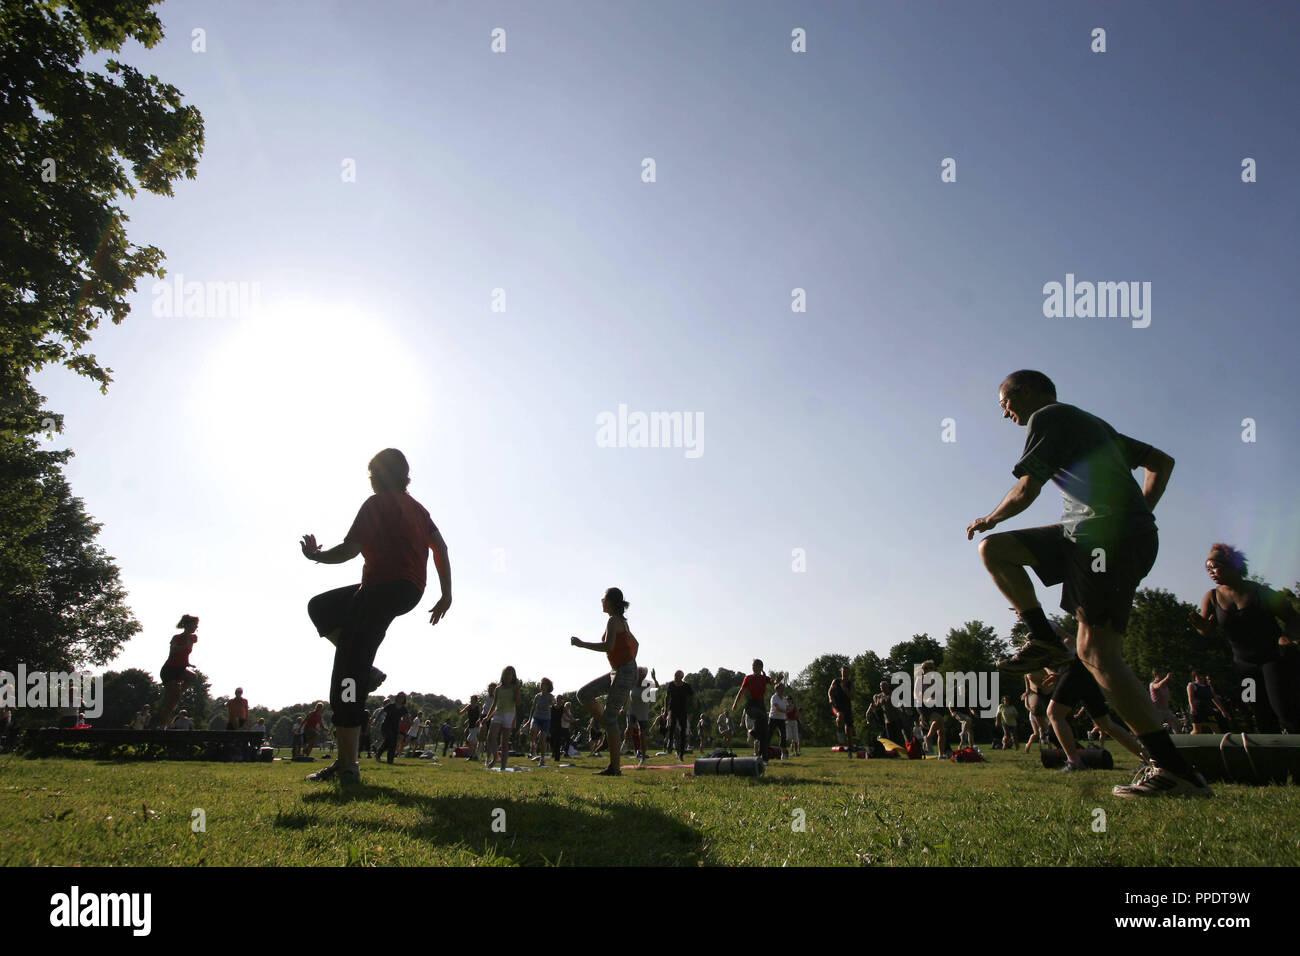 Los atletas moverse bajo la orientación de un entrenador en el gimnasio en el 'Park', un programa de acondicionamiento físico de la ciudad de Munich, que se celebra diariamente a las 18.00 Reloj en determinados parques en Munich. Imagen De Stock